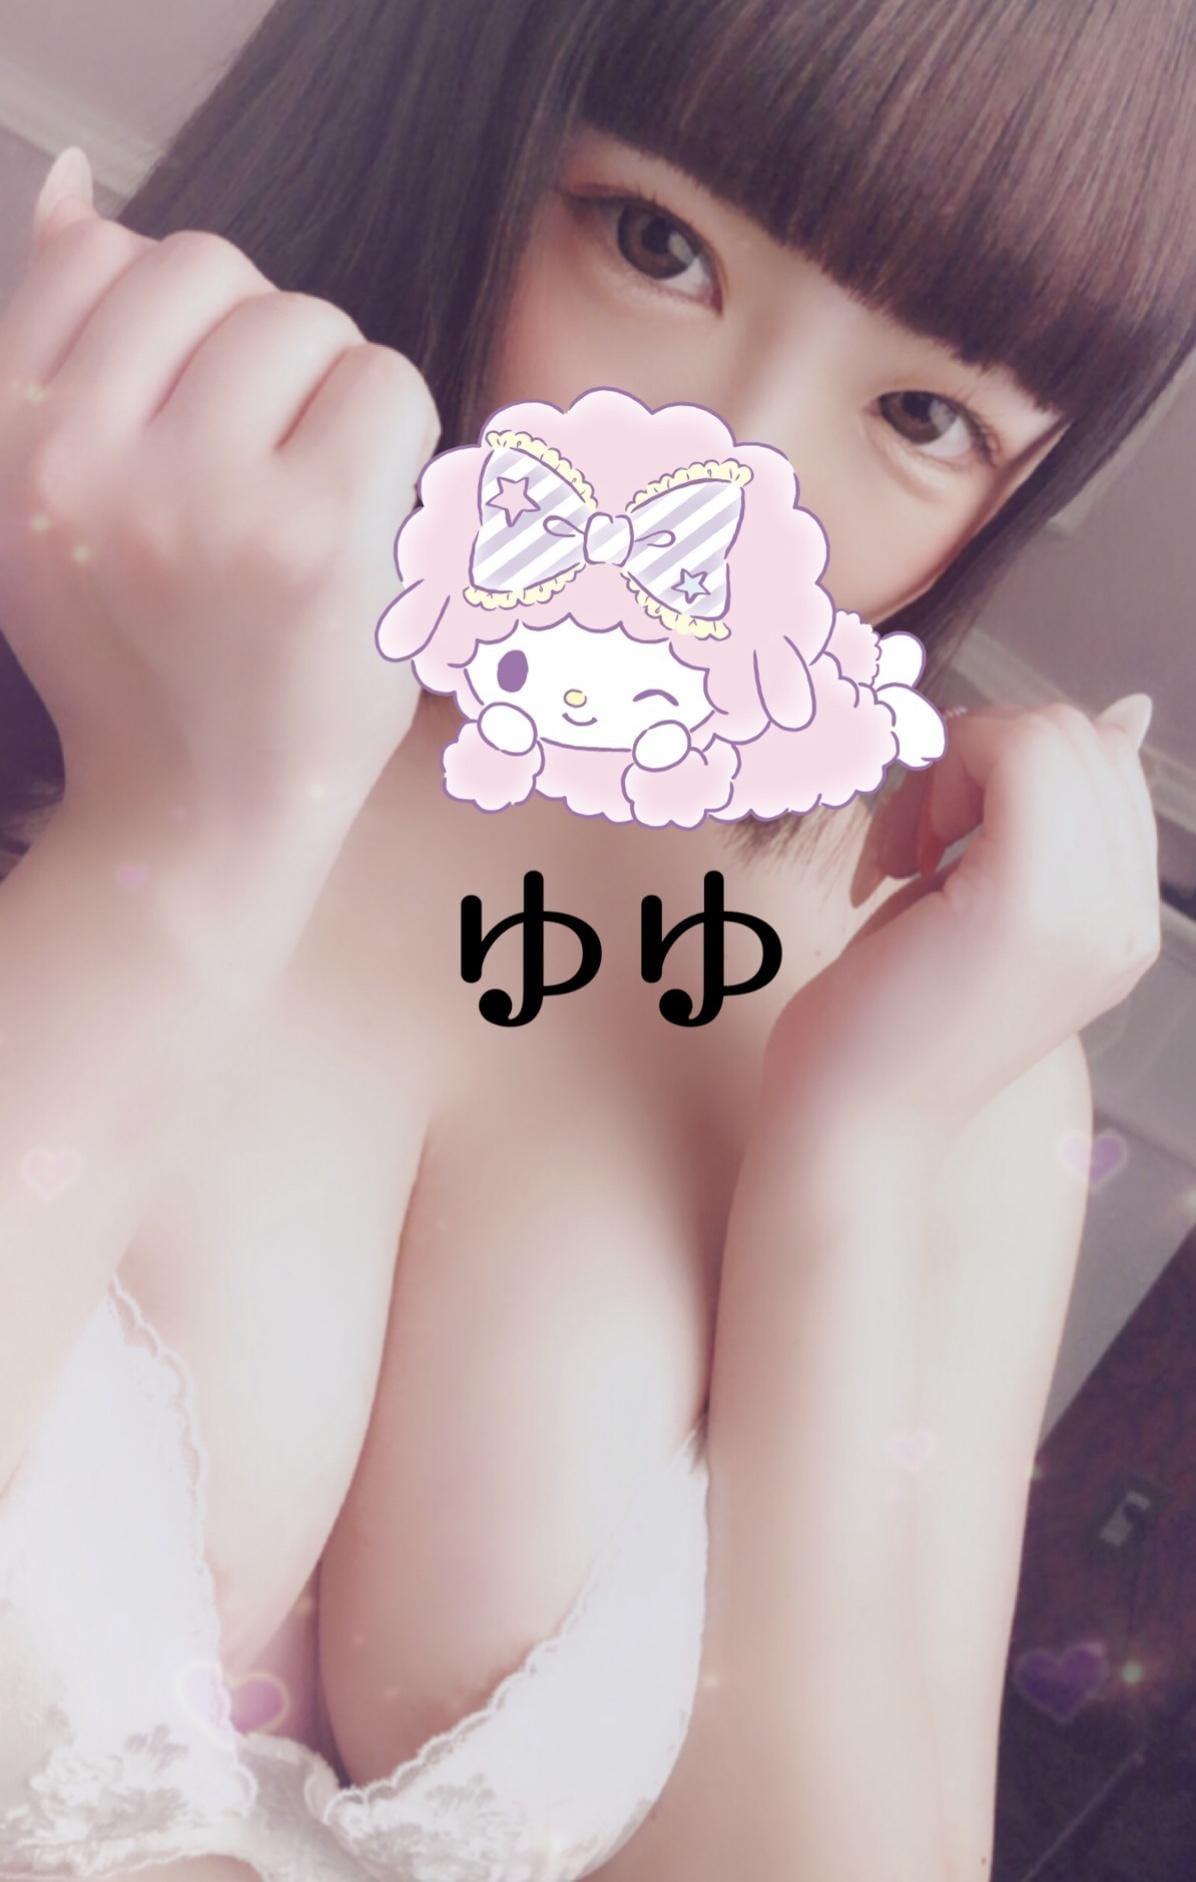 「あと少し」01/24(木) 01:33 | 成田ゆゆの写メ・風俗動画